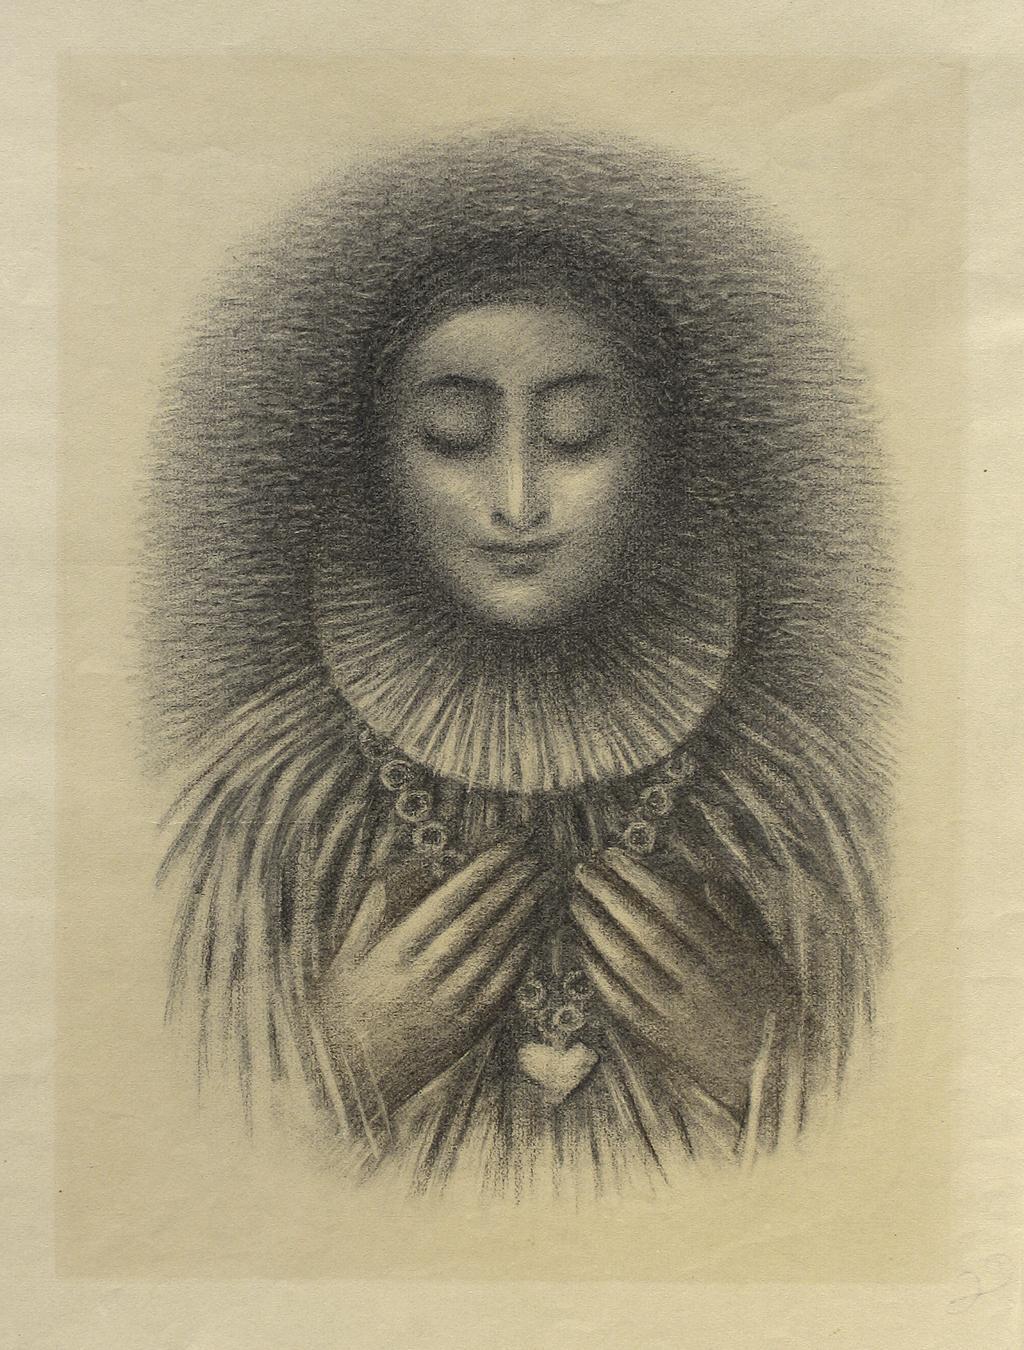 Jan Zrzavý / ilustrace k Shakespearovým Sonetům, 1952